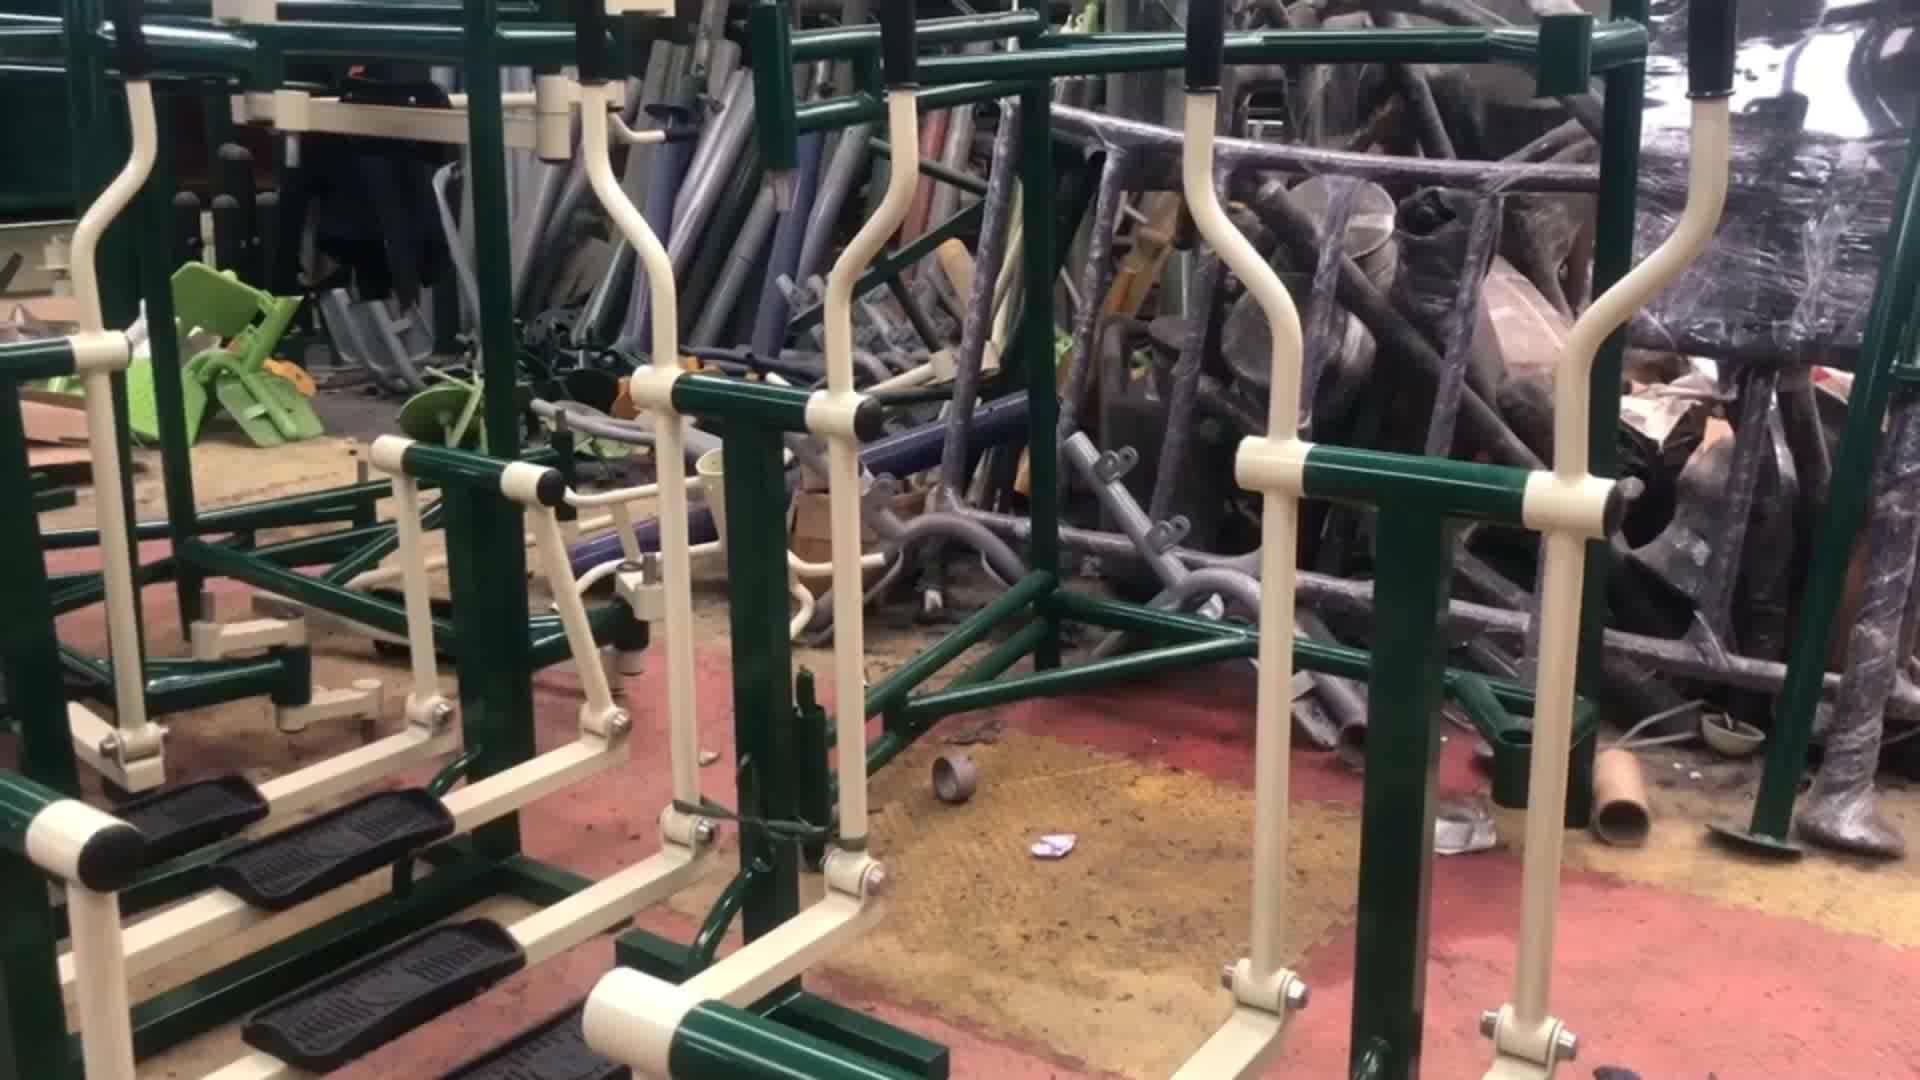 Parken Mensen Revalidatie Push-Pull Training Uitgeschakeld Outdoor Fitness Apparatuur voor Gehandicapten Mensen